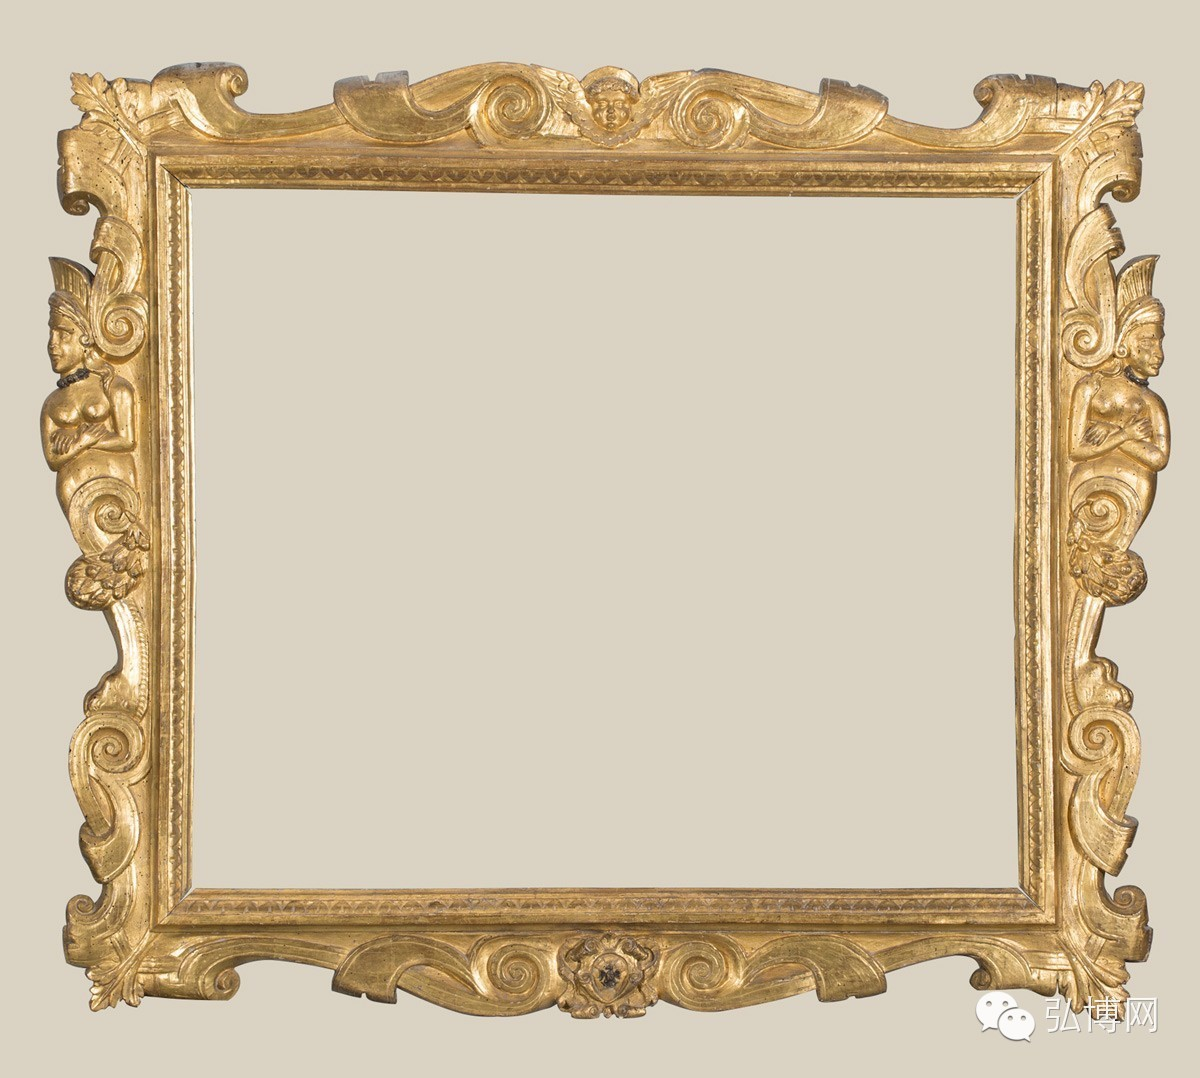 """这种人物形象与植物、动物或装饰线条相结合的母题被称为""""怪诞""""(grotesque),这个称呼与""""圣索维诺""""一样,源于后人的误解。grotesque一词源自grotto(洞穴),最初是指在15世纪末出土的古罗马尼禄皇宫""""黄金屋""""(Domus Aurae)中的装饰,当时的人们以为这是建于地下的洞穴,grotesque便成了这些装饰的名称。这种来自古典时期的装饰在文艺复兴时期各种装饰艺术中被广泛应用。 一位馆长的收官之作和最后的冒险 组织这"""